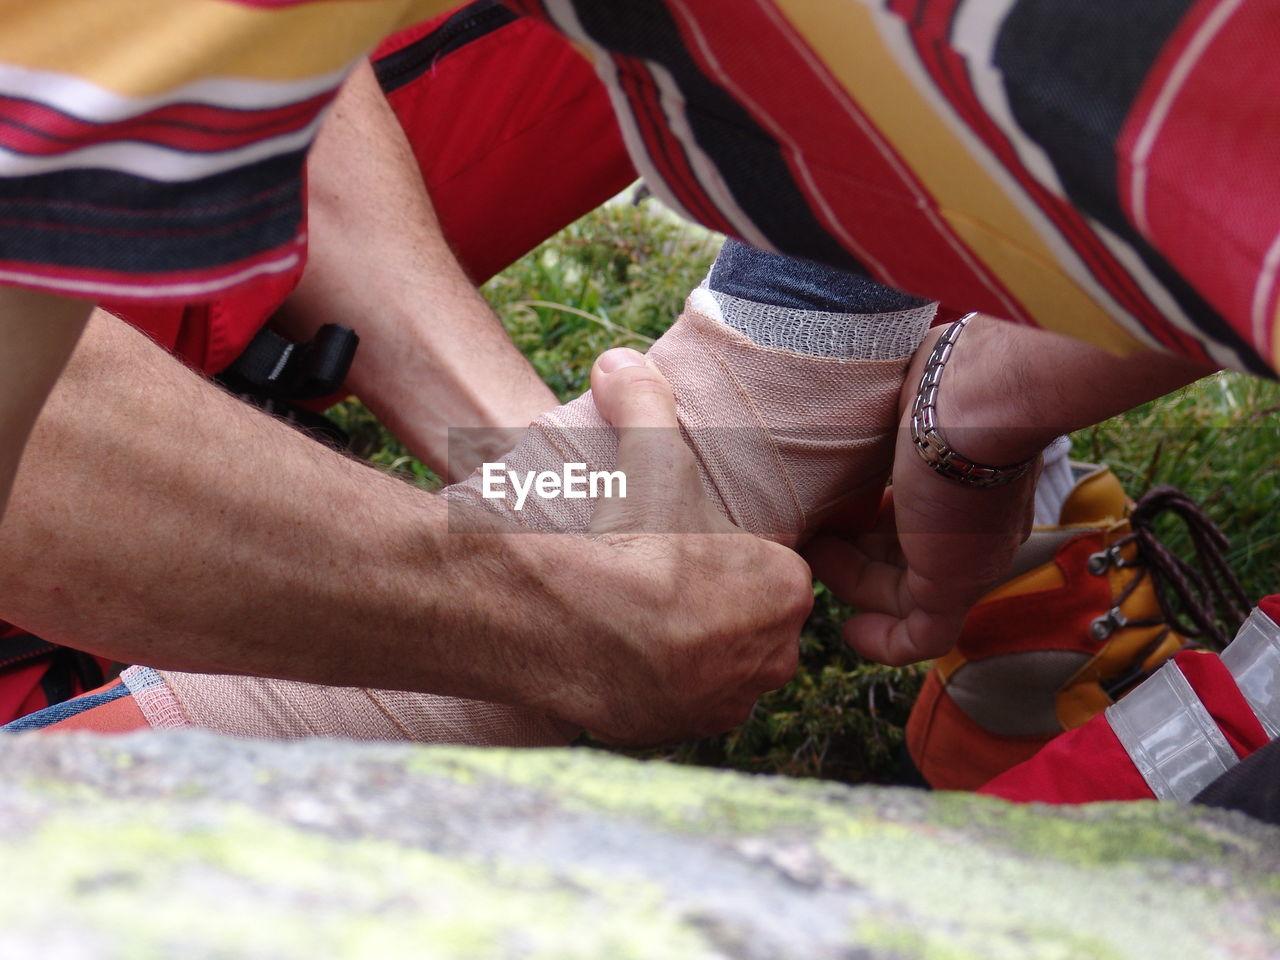 Hands tying bandage on man leg